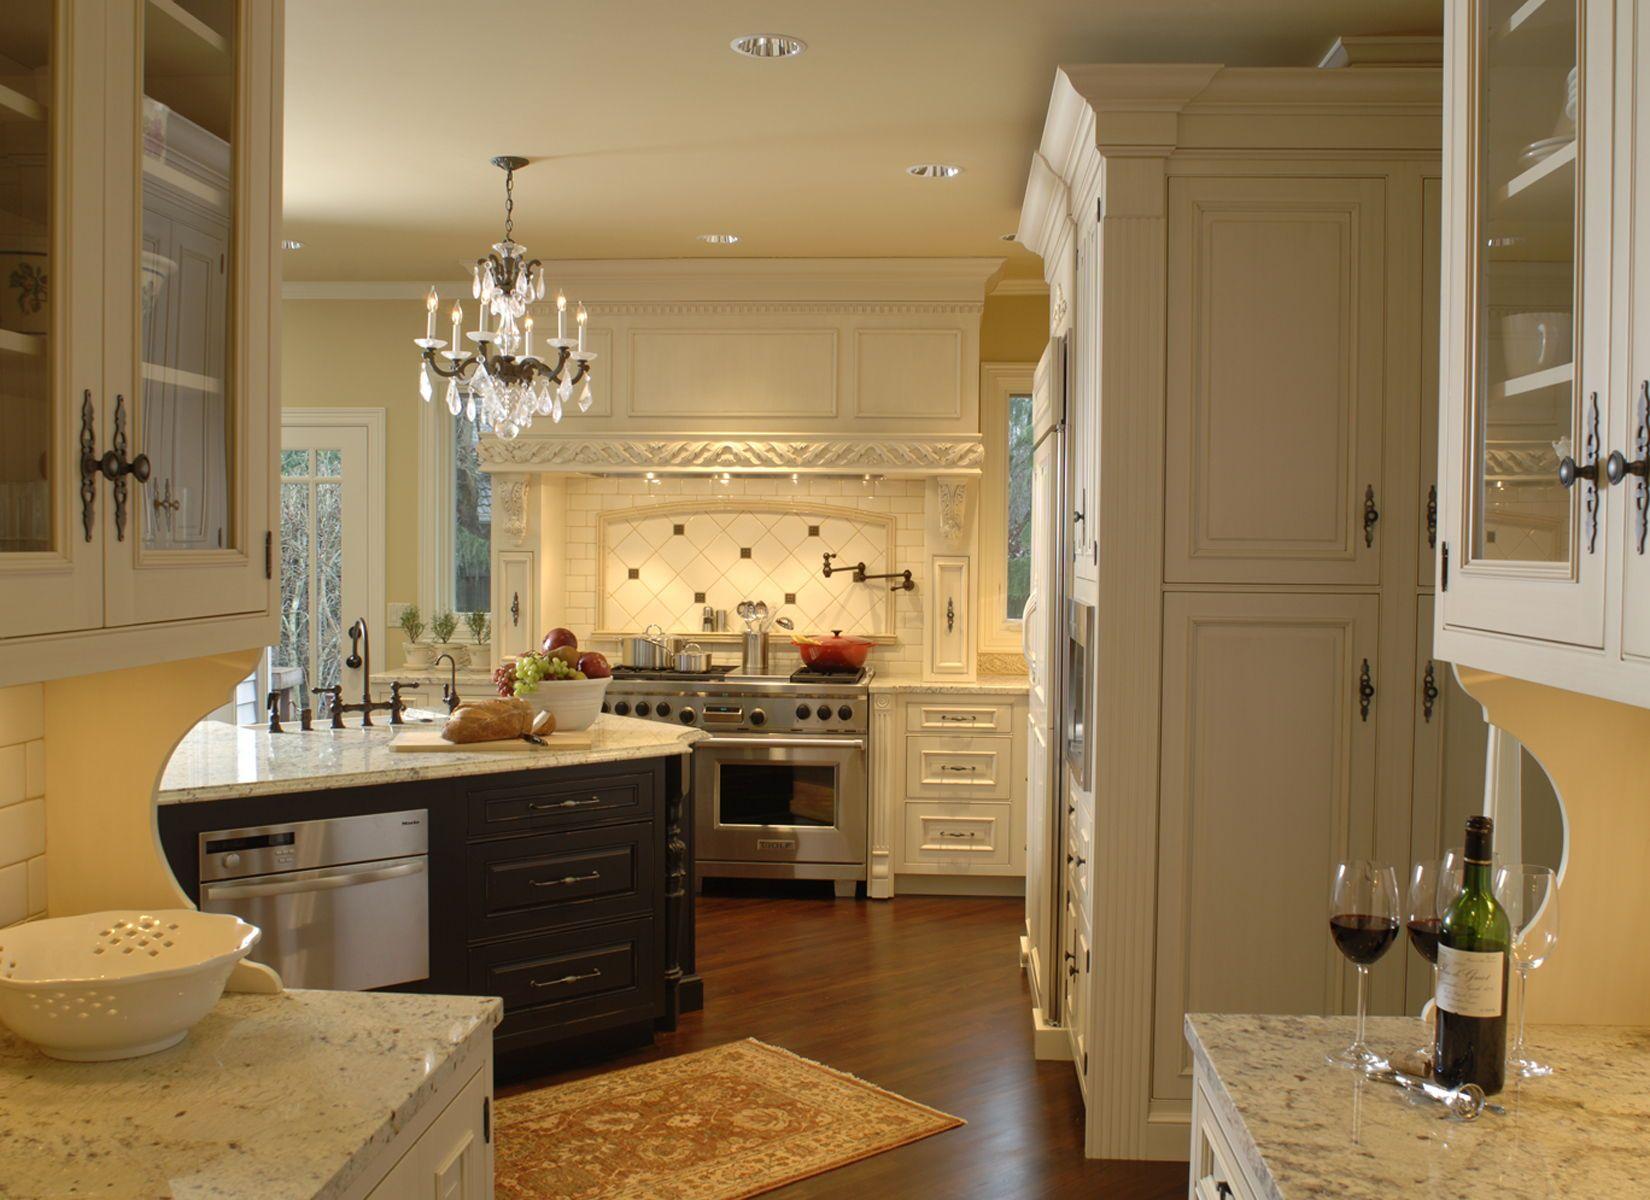 133 Luxury Kitchen Designs #Kitchens #Dreamkitchens #Homedesign #Interiordesign